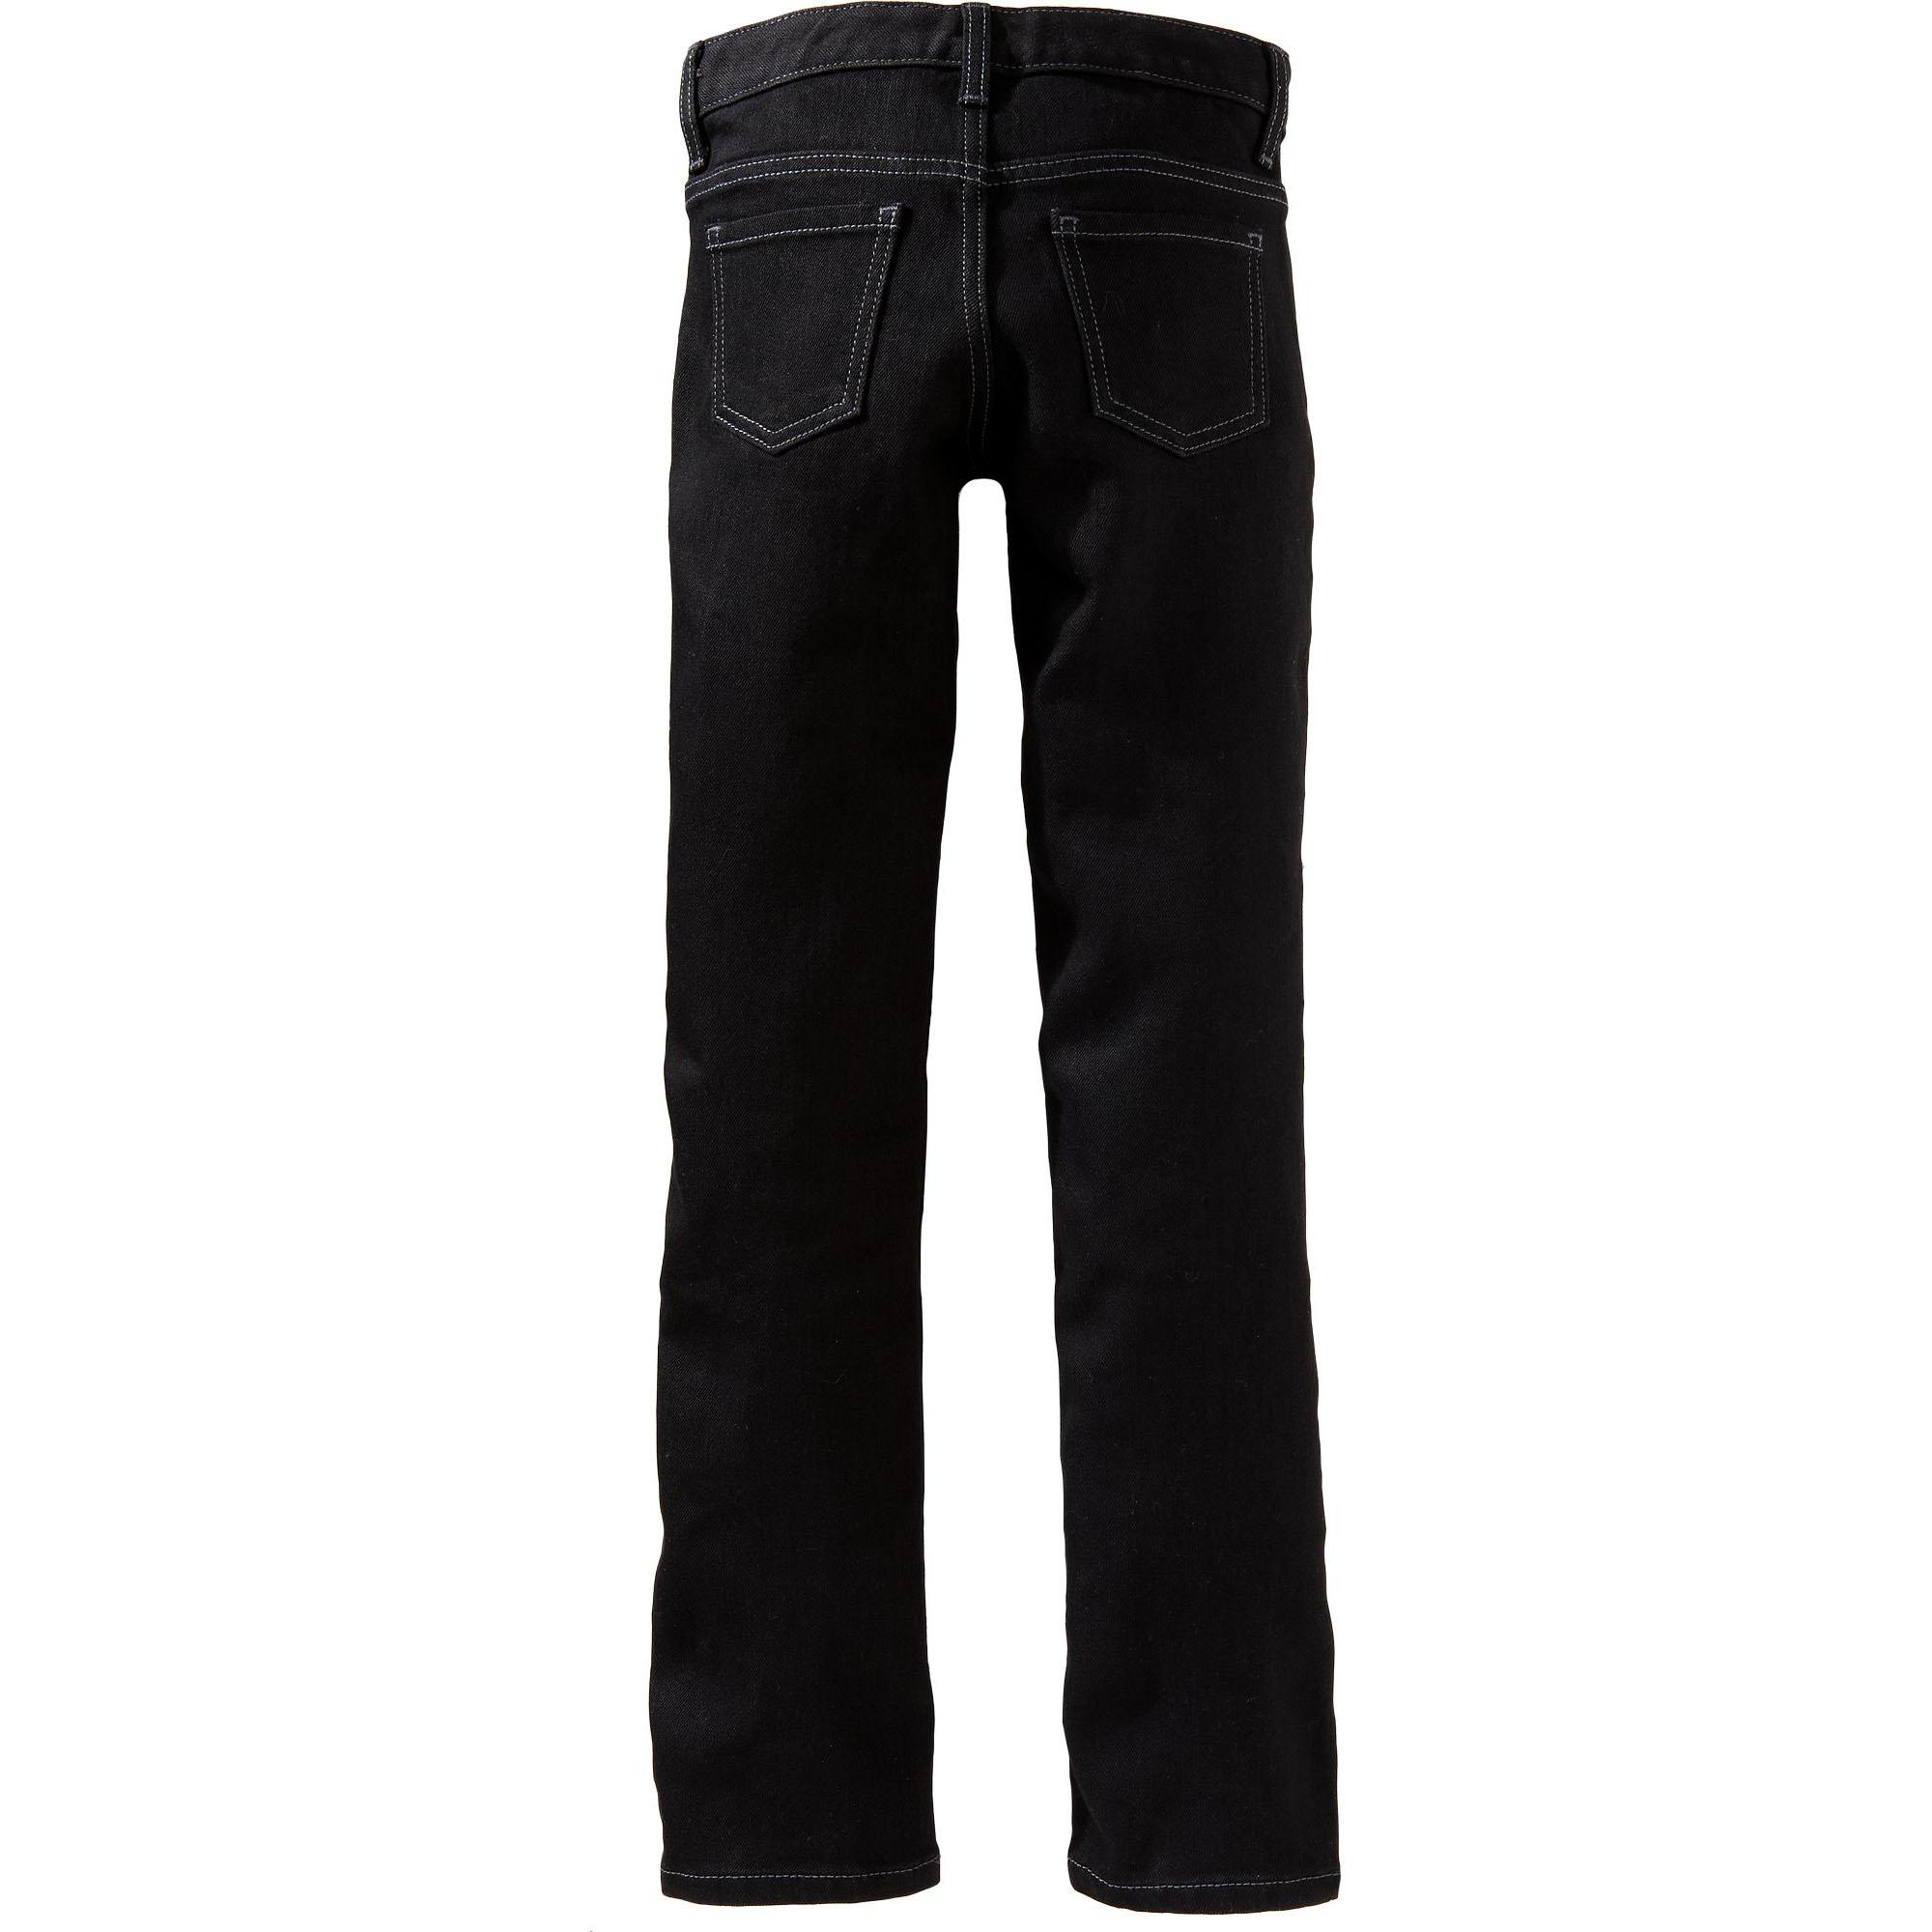 Джинси-скінні дитячі для дівчинки OLD NAVY (США) Girls Black Skinny Jeans  вік 5-6 років  b6f9a102c6e6f